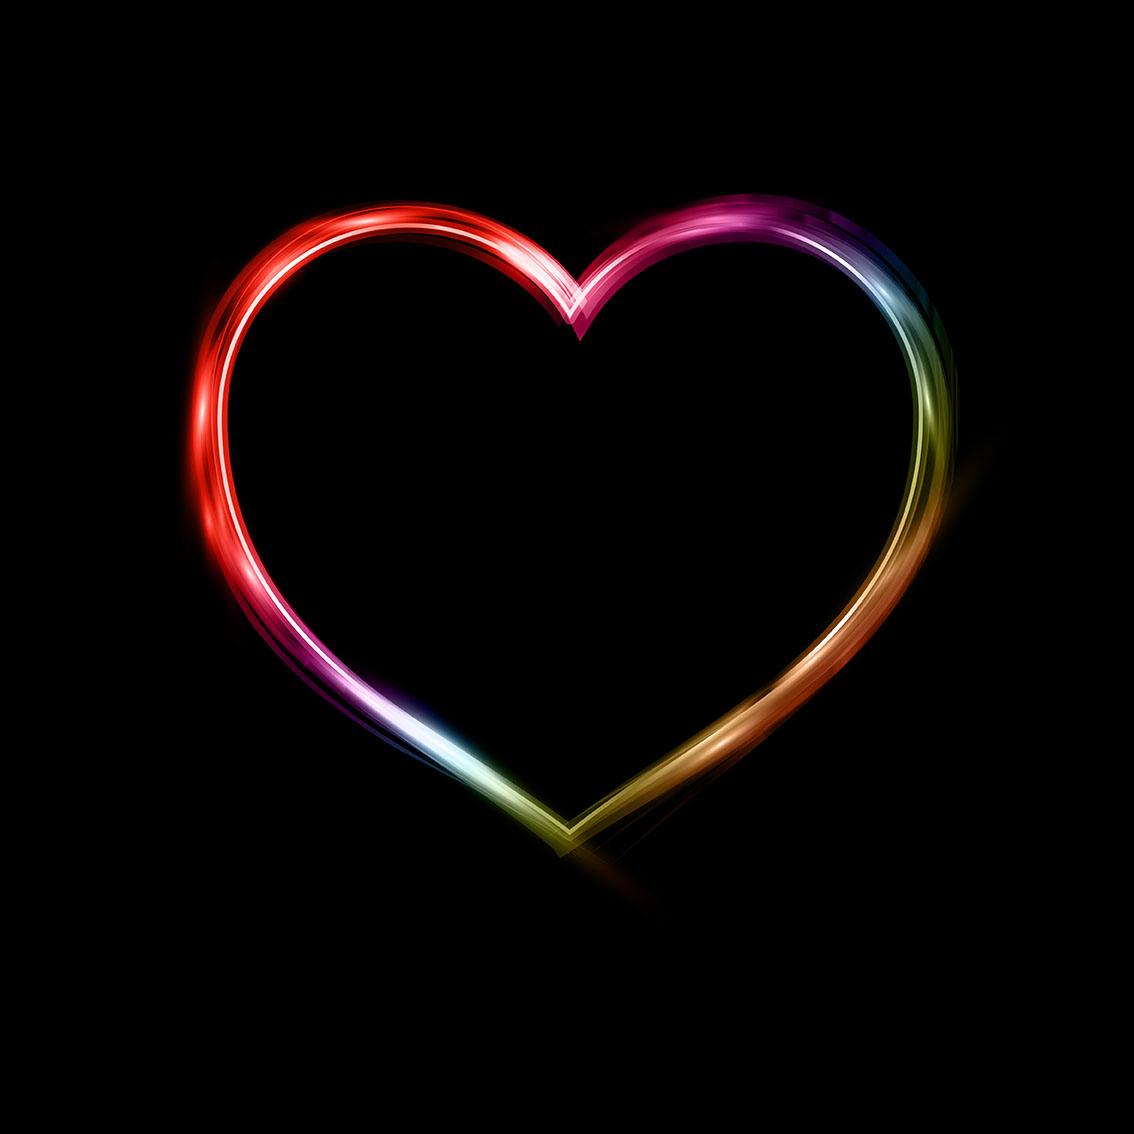 neon heart free vector art 4428 free downloads